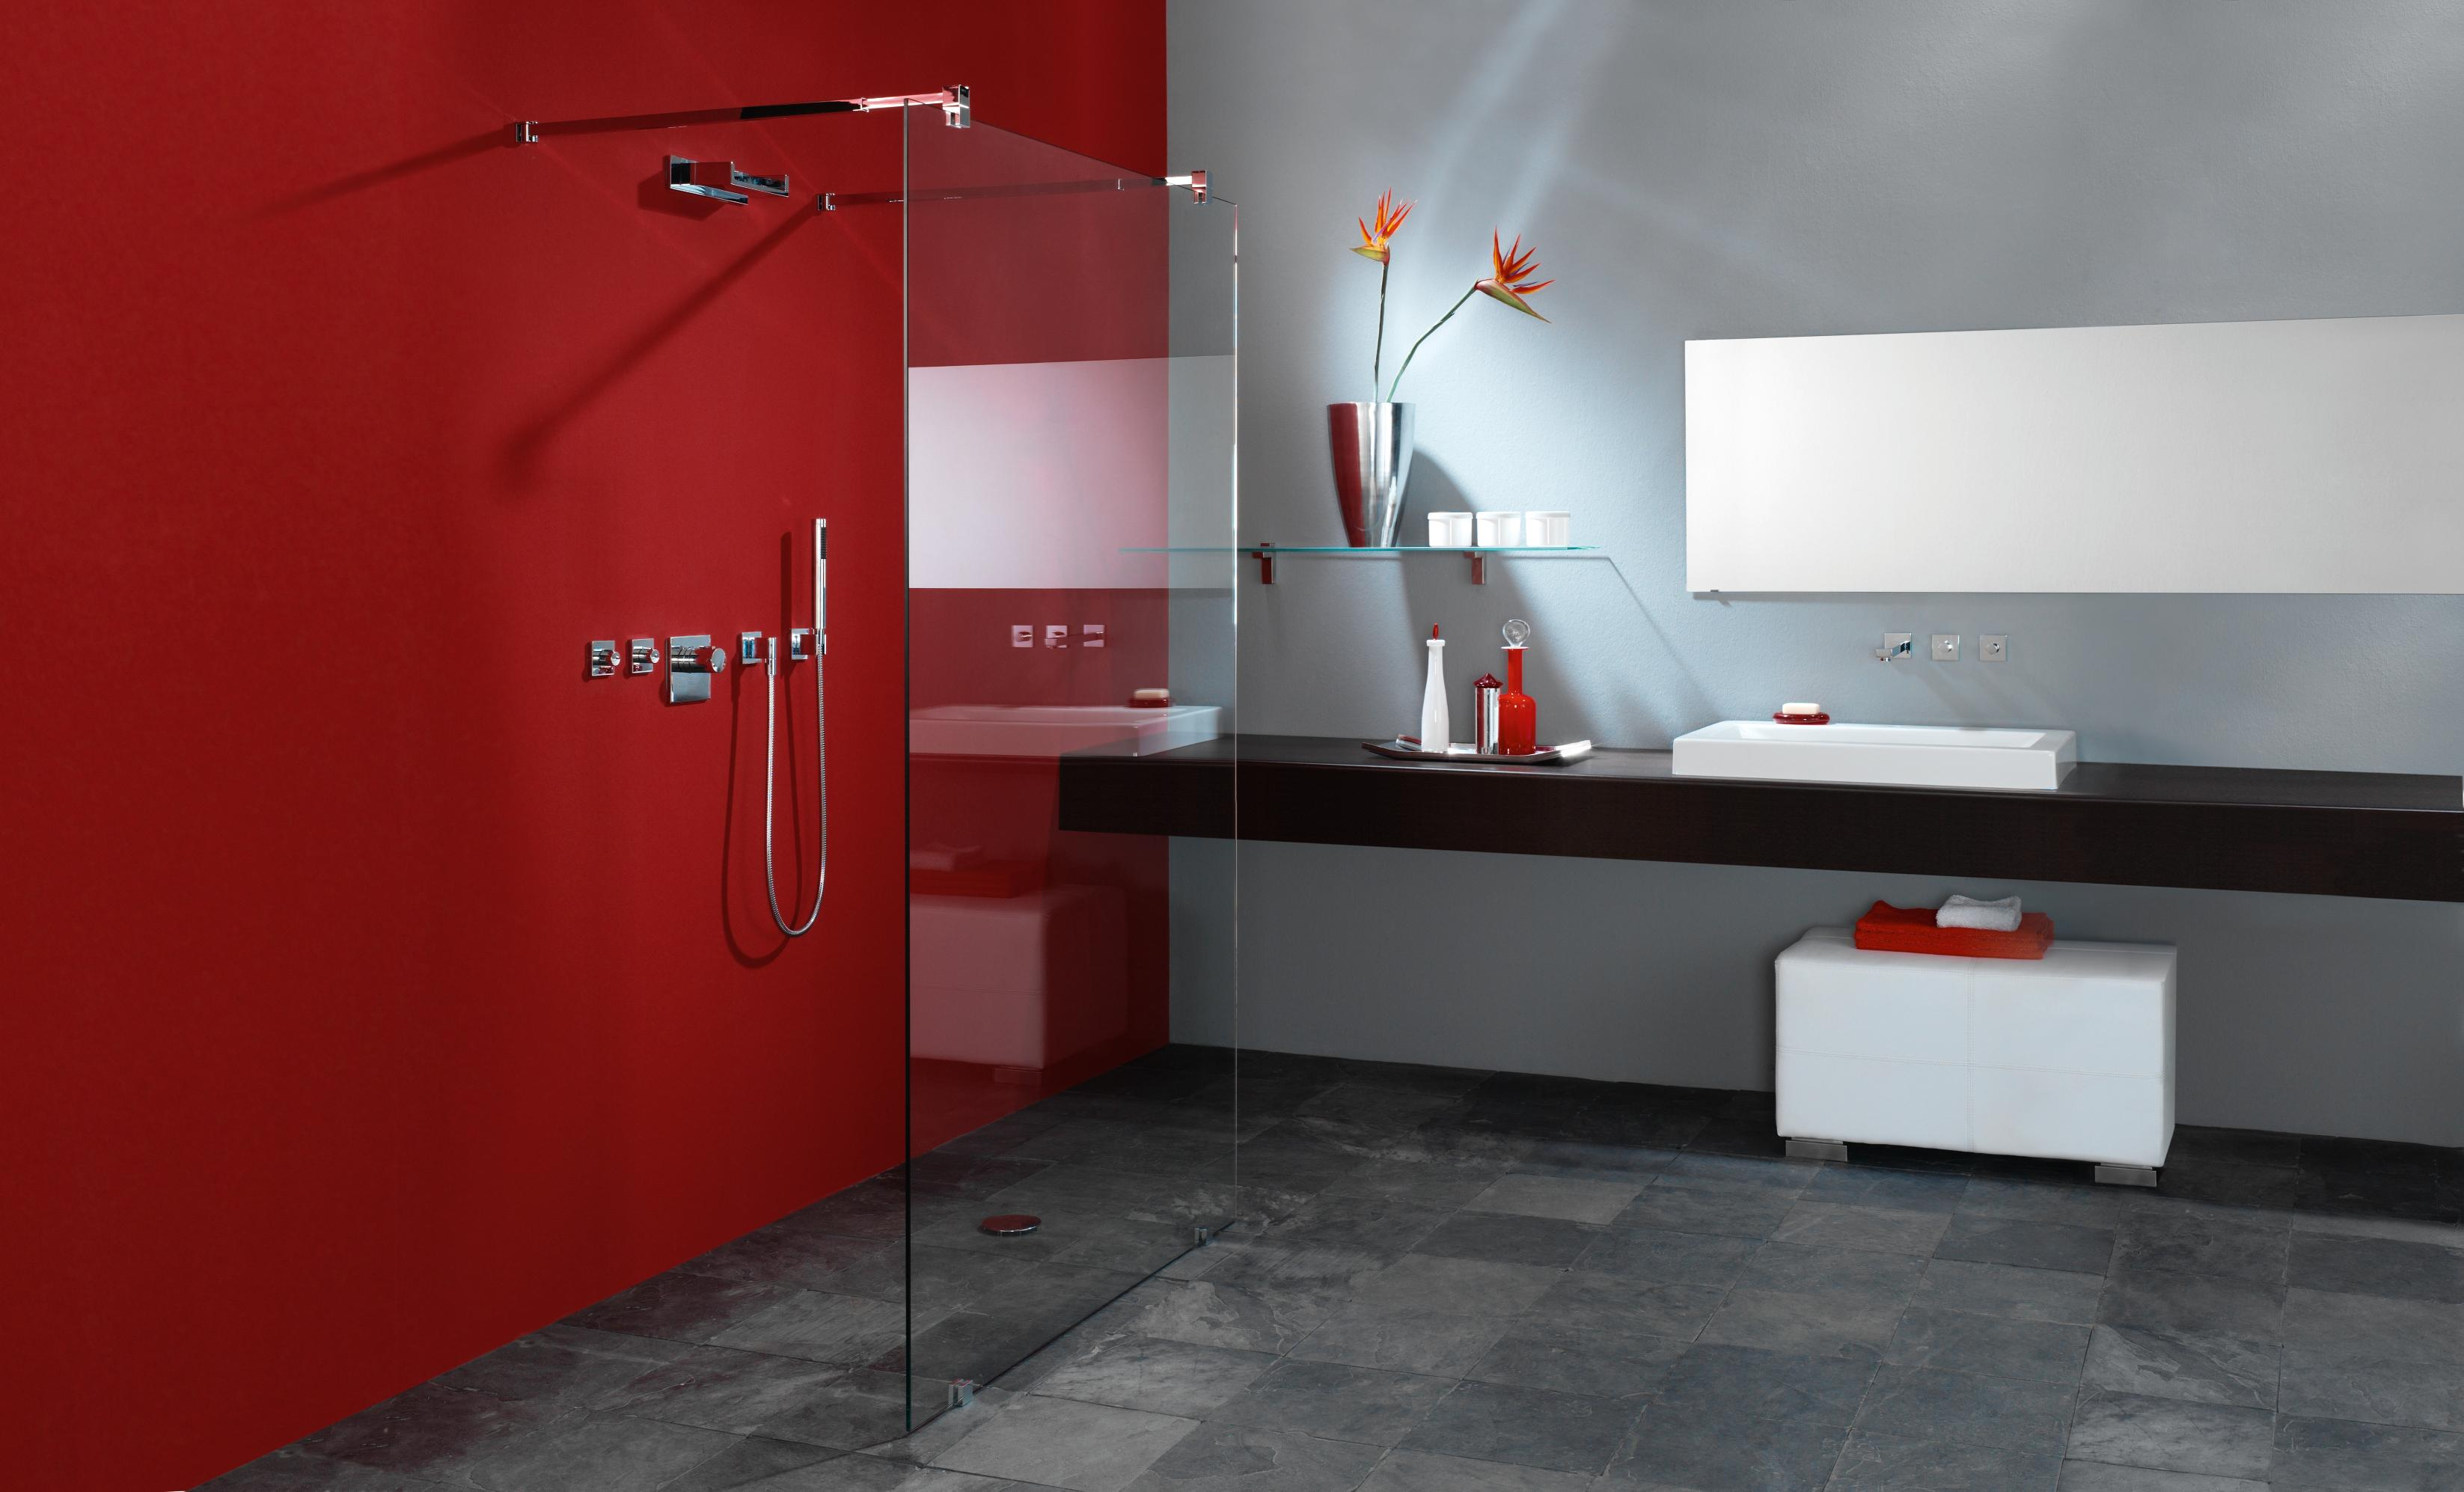 Glas im bad und badezimmer glas hetterich gmbh - Badezimmer farbe statt fliesen ...